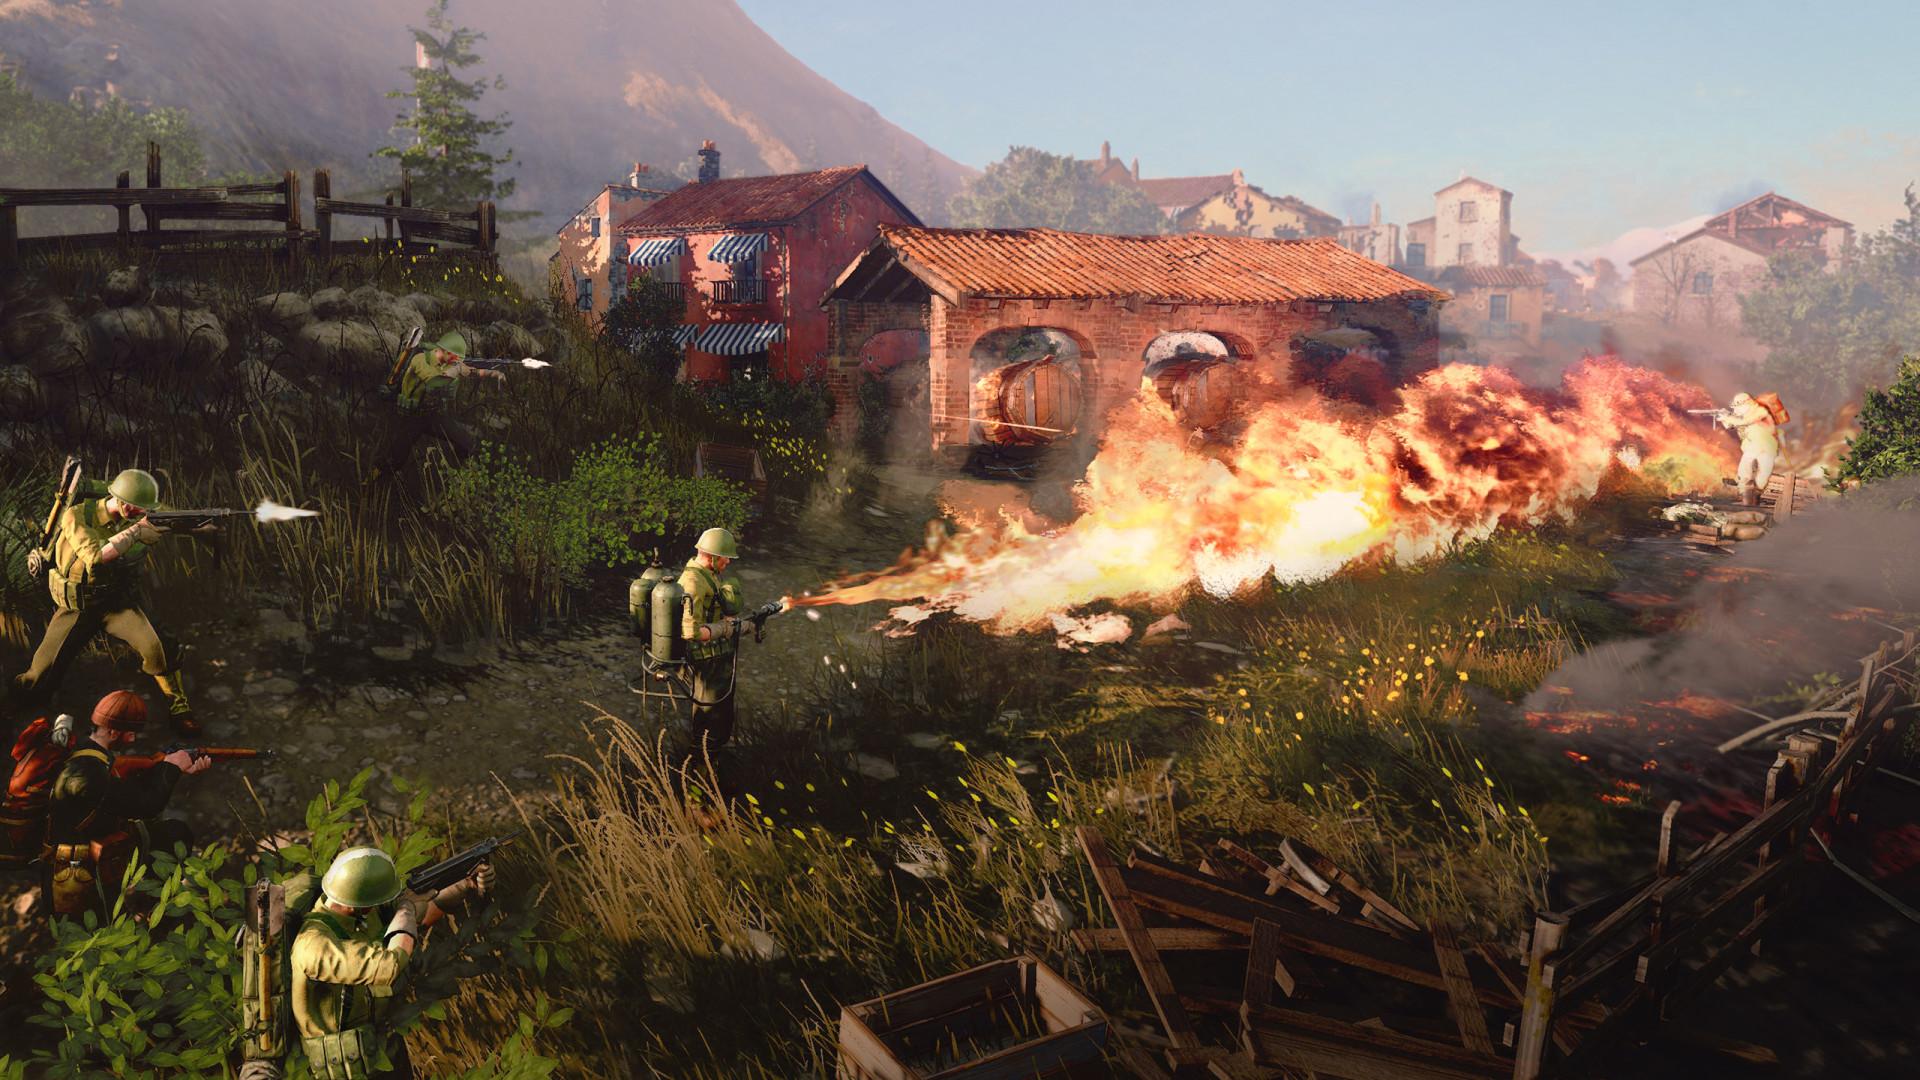 Официально анонсирована Company of Heroes 3: кинематографический трейлер и первый геймплей